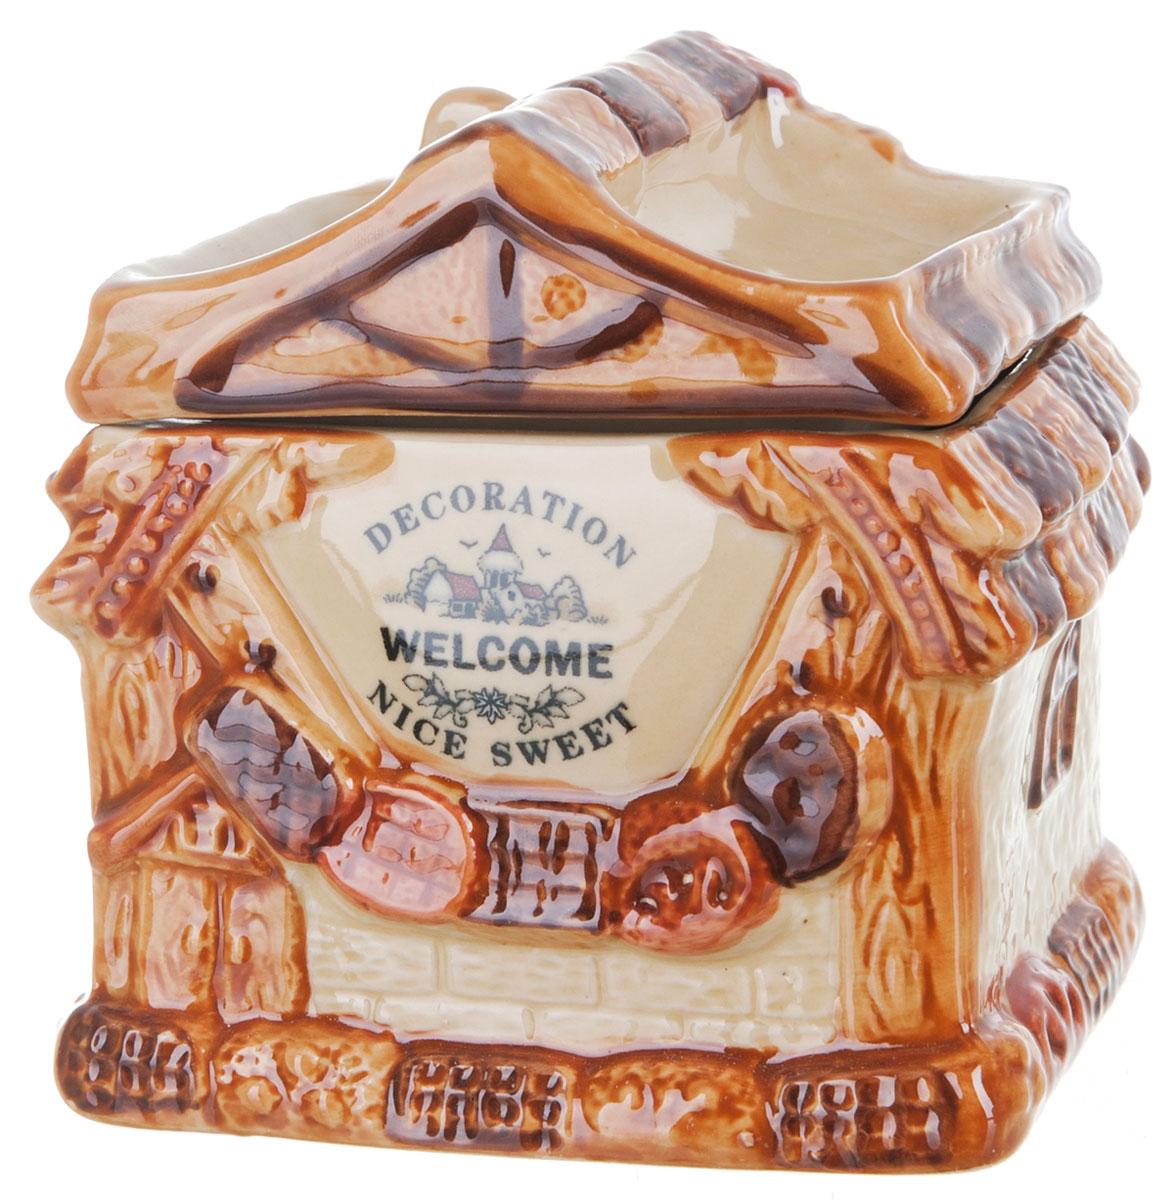 Банка для сыпучих продуктов ENS Group Дом, милый дом, 800 мл0790050Банка для сыпучих продуктов ENS Group Дом, милый дом, изготовлена из высококачественной керамики. Изделие оформлено красочным изображением. Банка прекрасно подойдет для хранения различных сыпучих продуктов: чая, кофе, сахара, круп и многого другого. Изящная емкость не только поможет хранить разнообразные сыпучие продукты, но и стильно дополнит интерьер кухни.Можно использовать в посудомоечной машине.